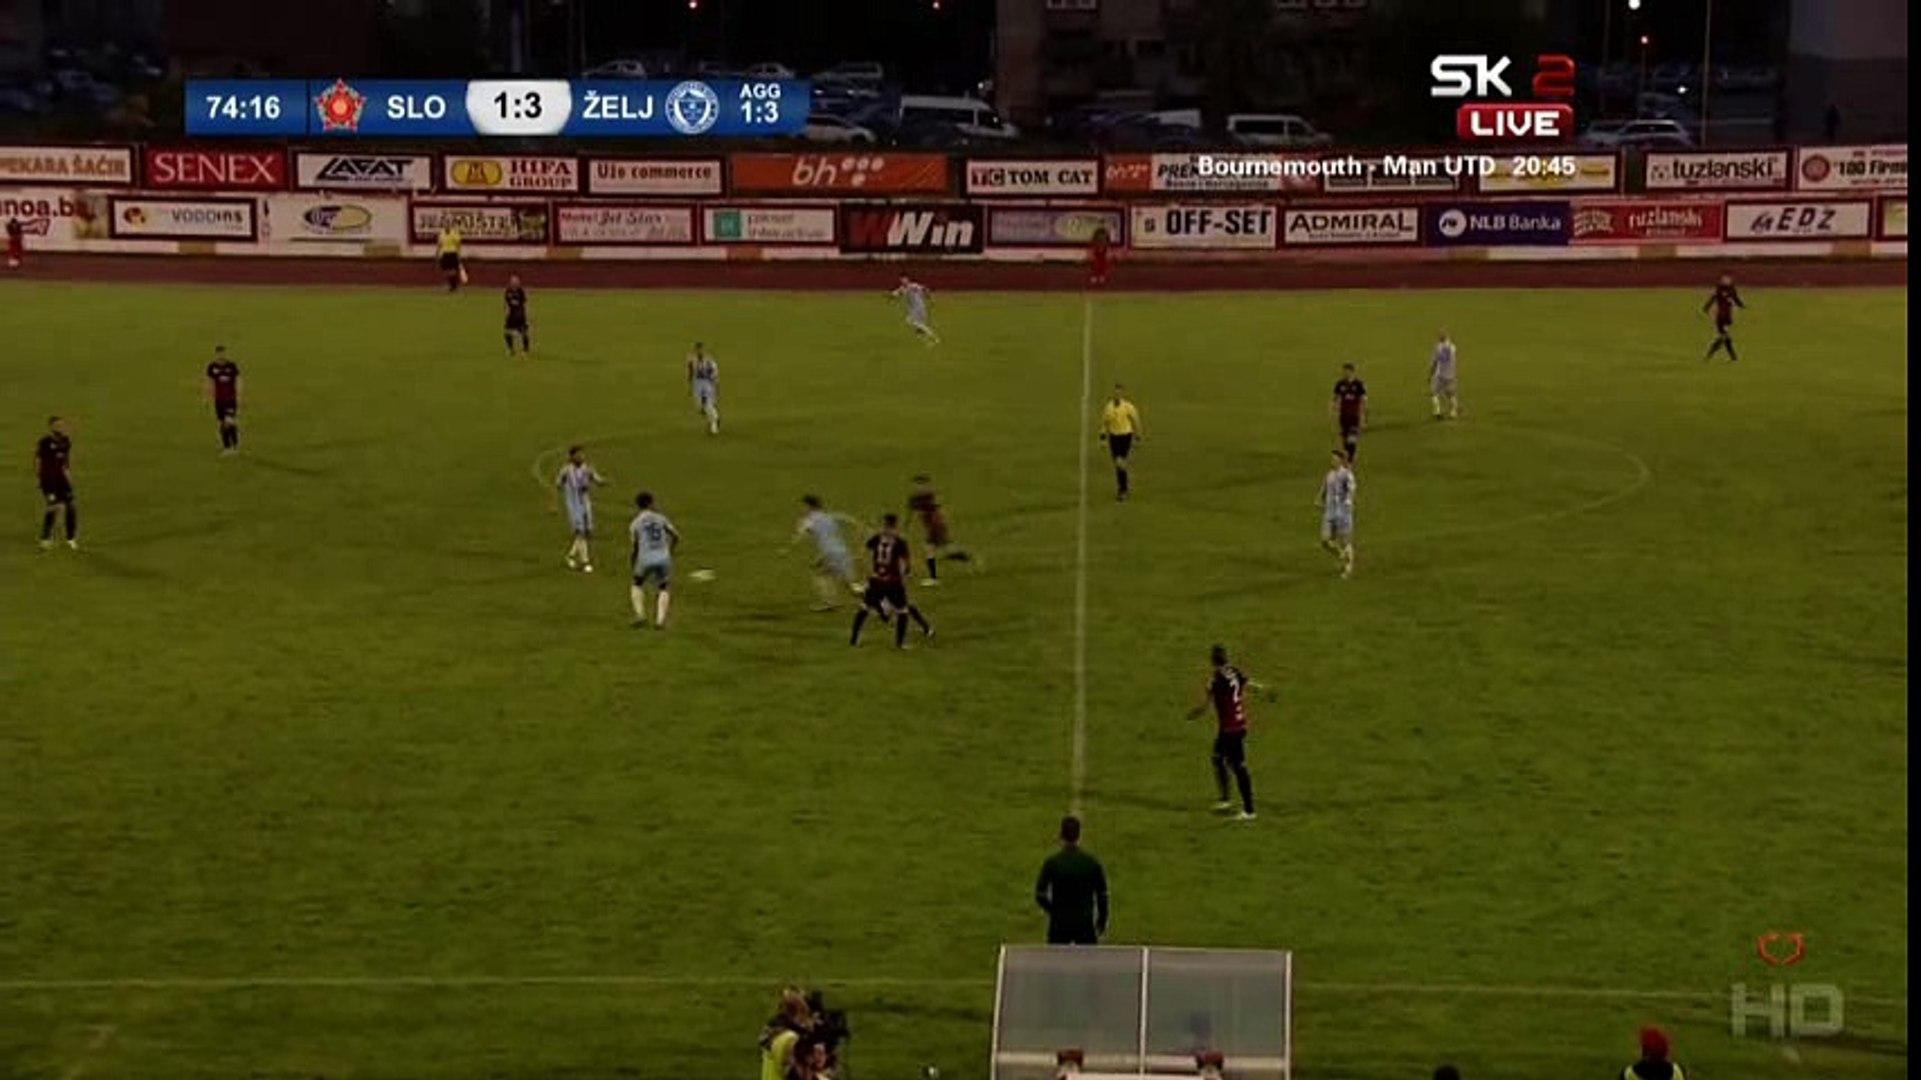 FK Sloboda - FK Željezničar [Kup] / 1:4 Zakarić - Hat-trick